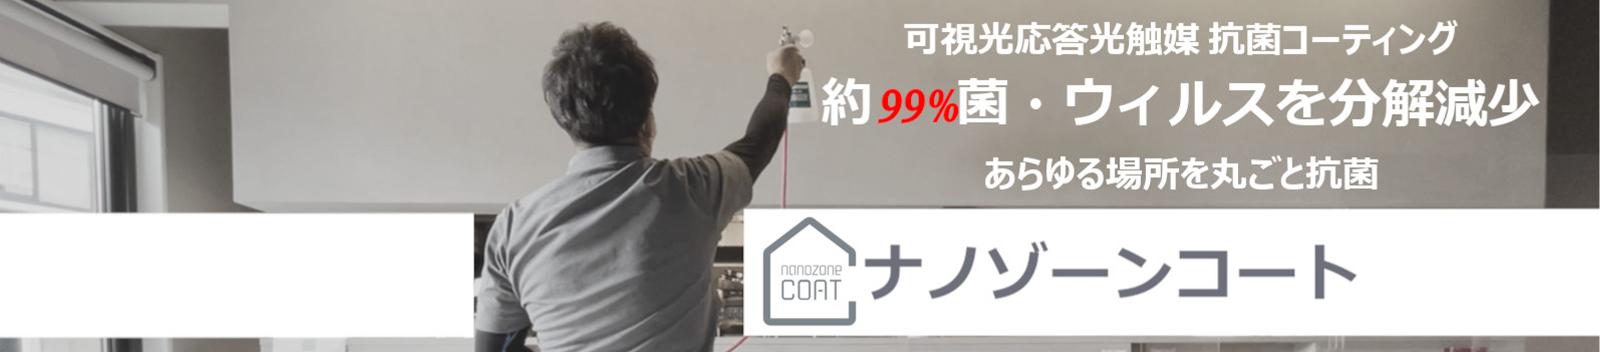 モルタル造形3㎡無料施工キャンペーン